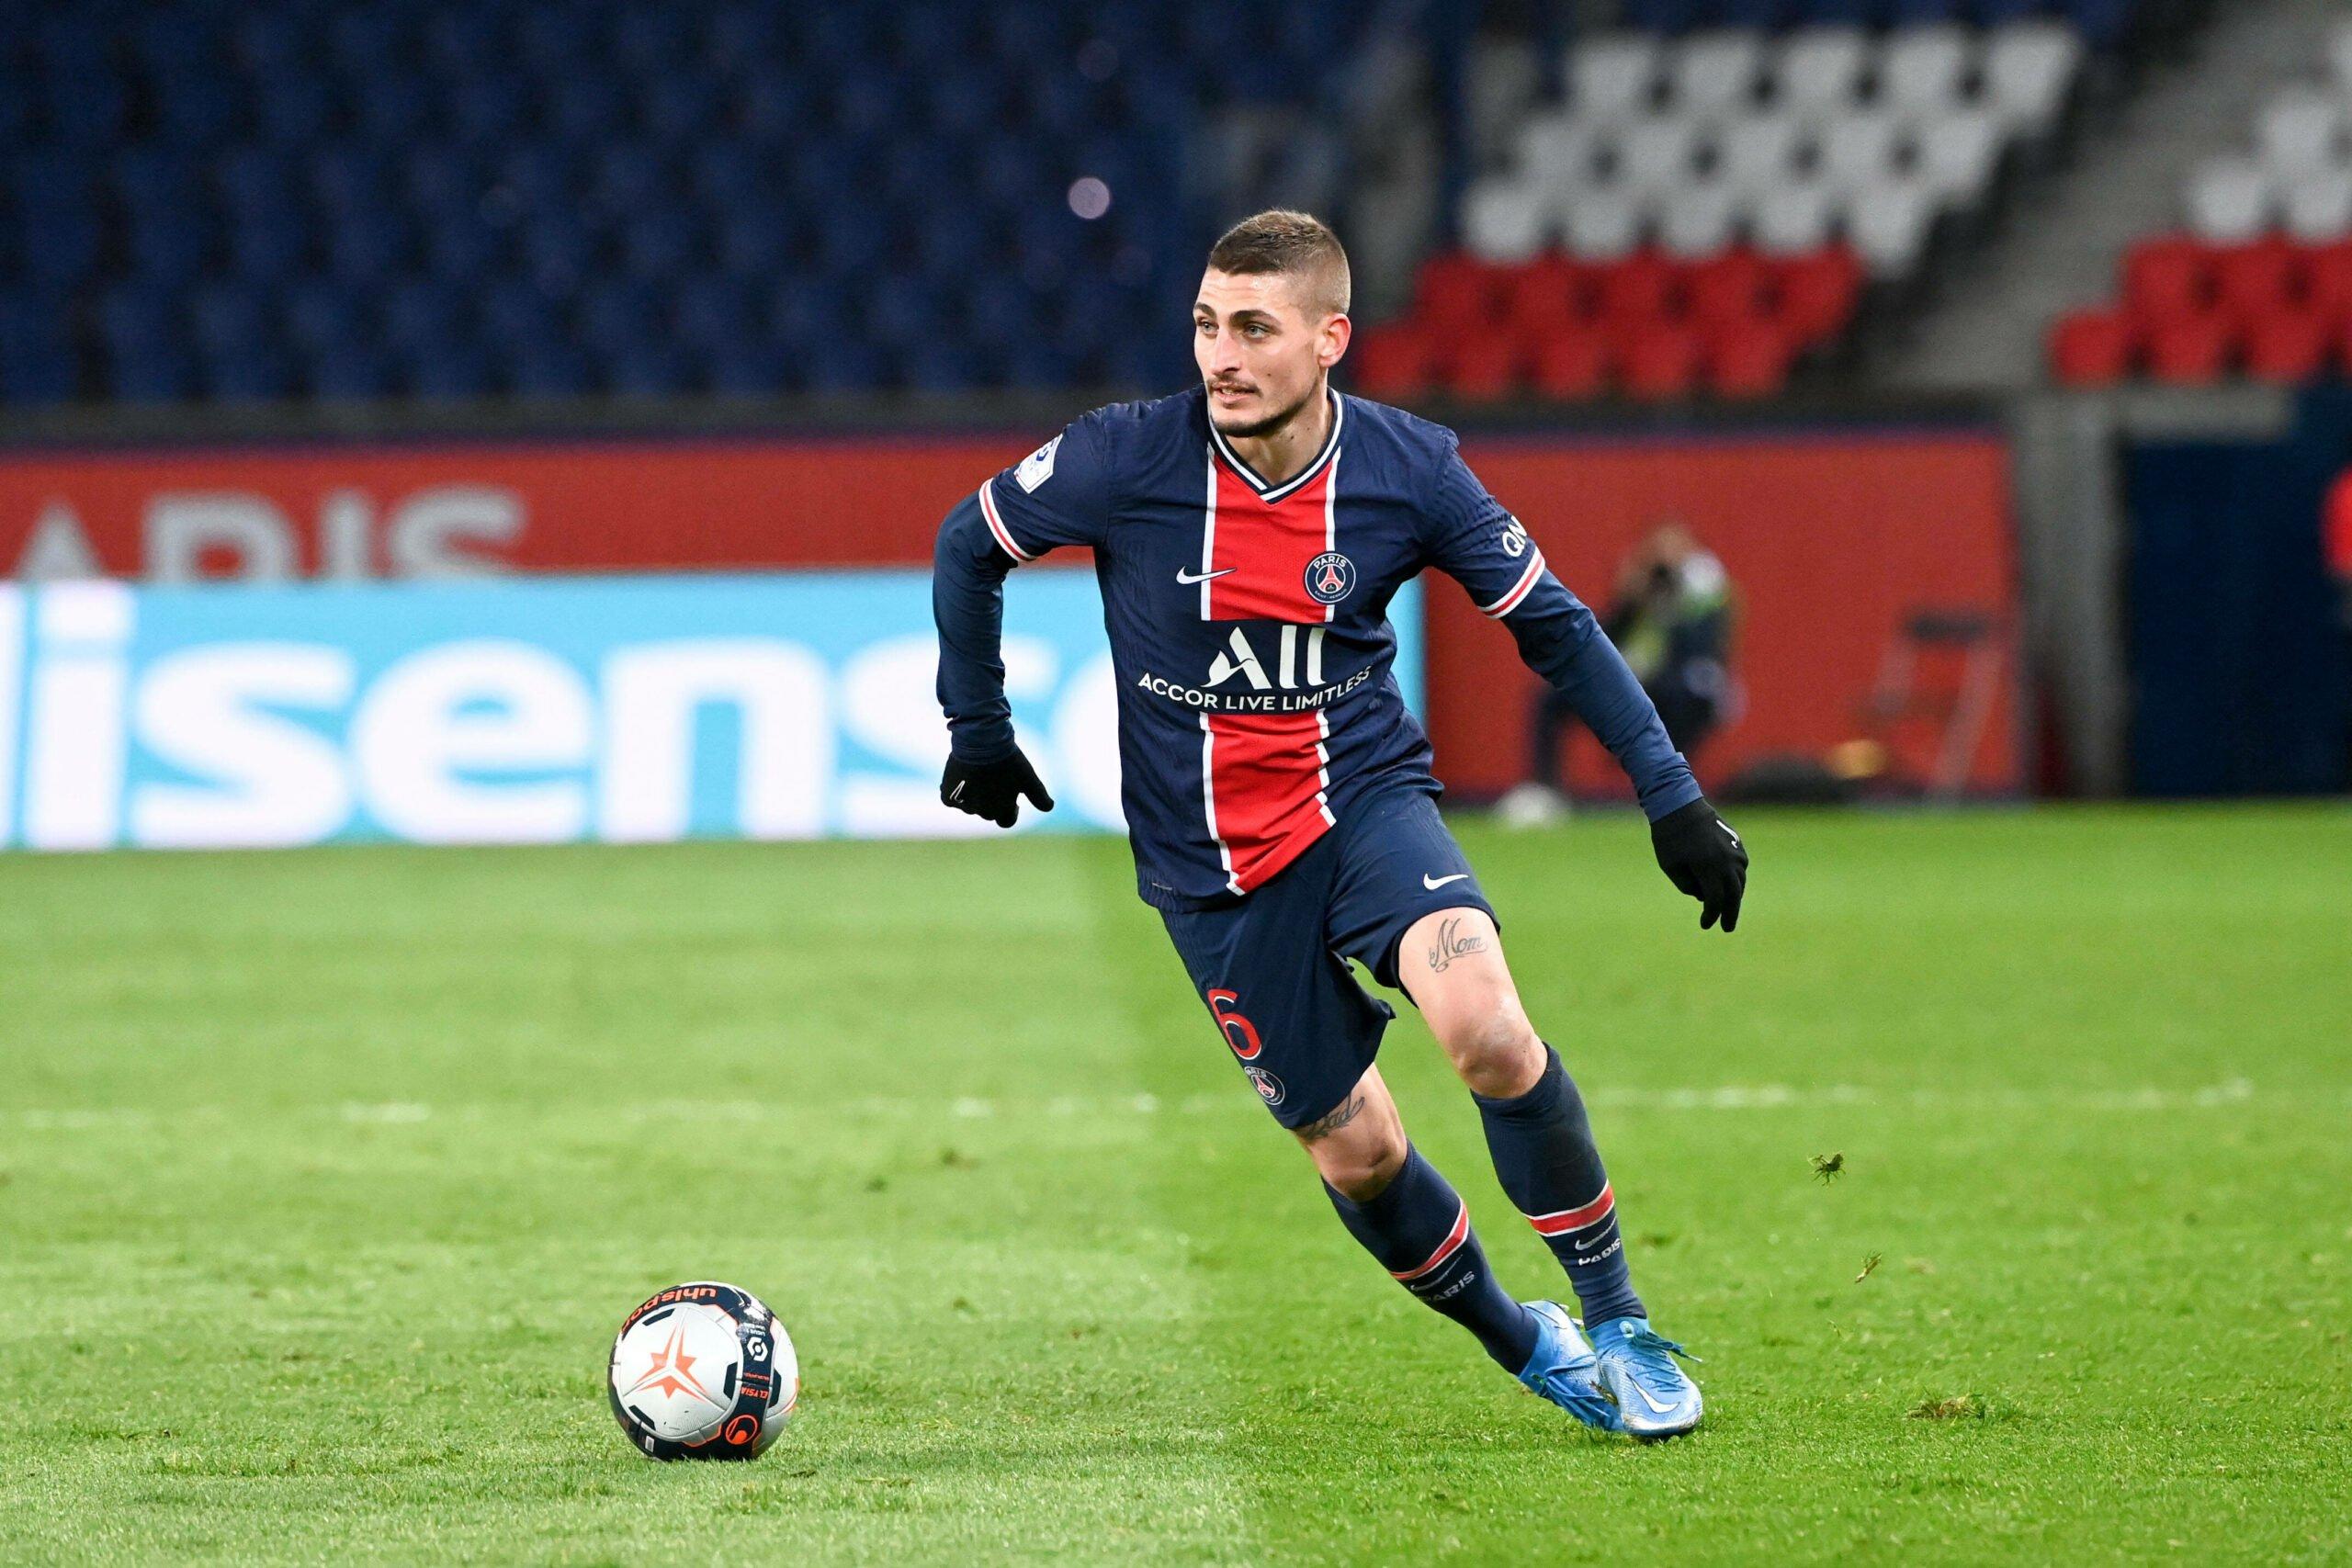 PSG-Star Marco Verratti wurde positiv auf Covid-19 getestet - Aktuelle FC Bayern News, Transfergerüchte, Hintergrundberichte uvm.